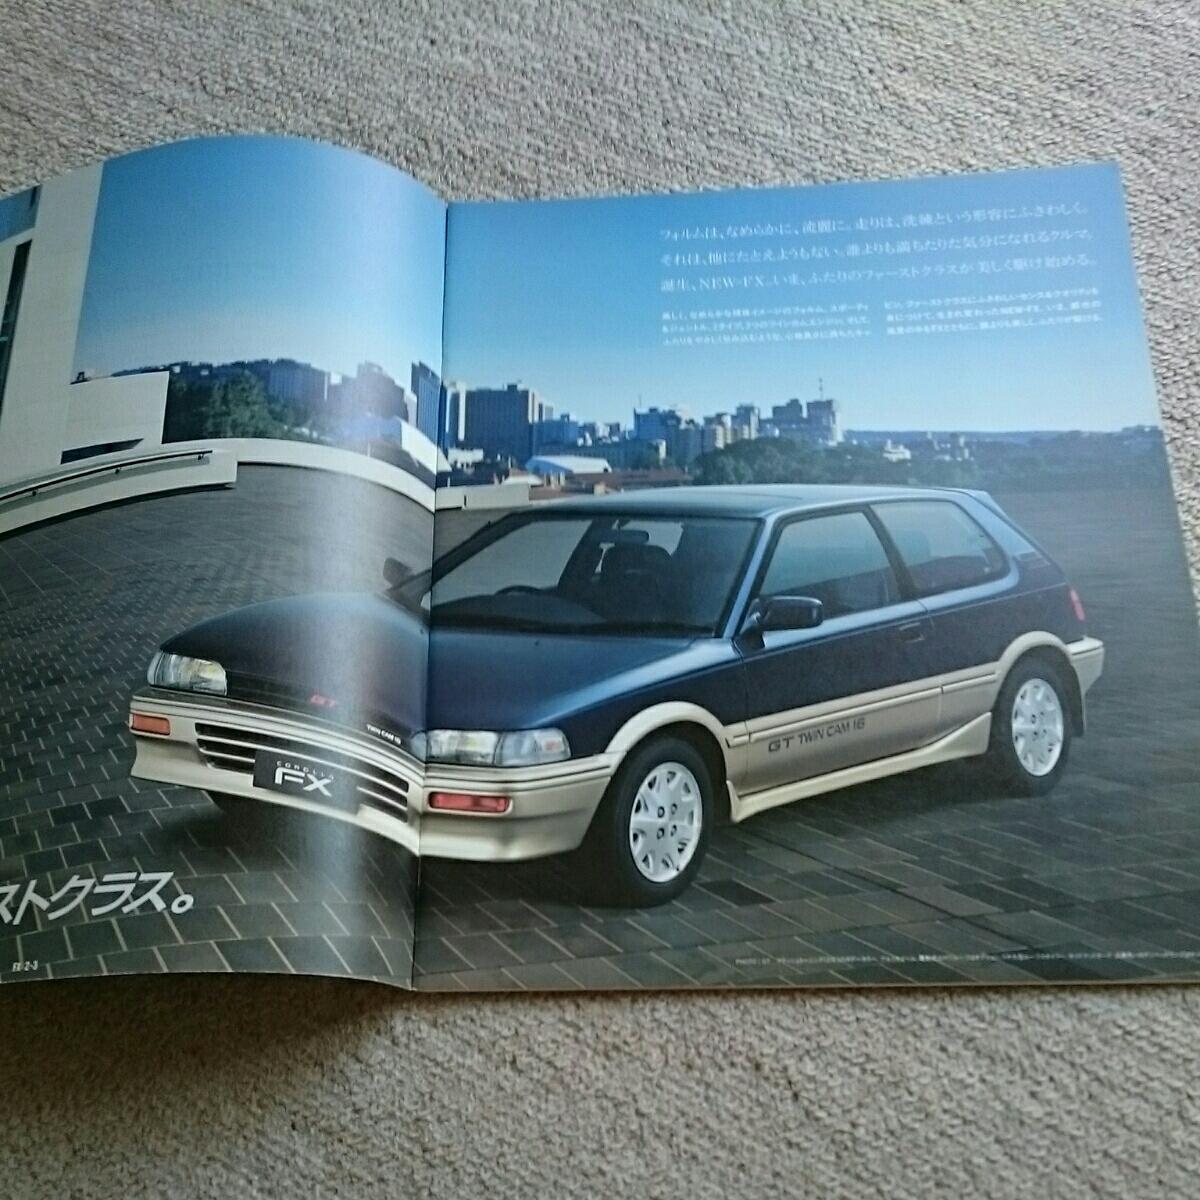 絶版、昭和62年6月発行、AE92、トヨタカローラ FX、3ドア1600FX-GT、5ドア、4A-GE、ツインカム16。_画像3